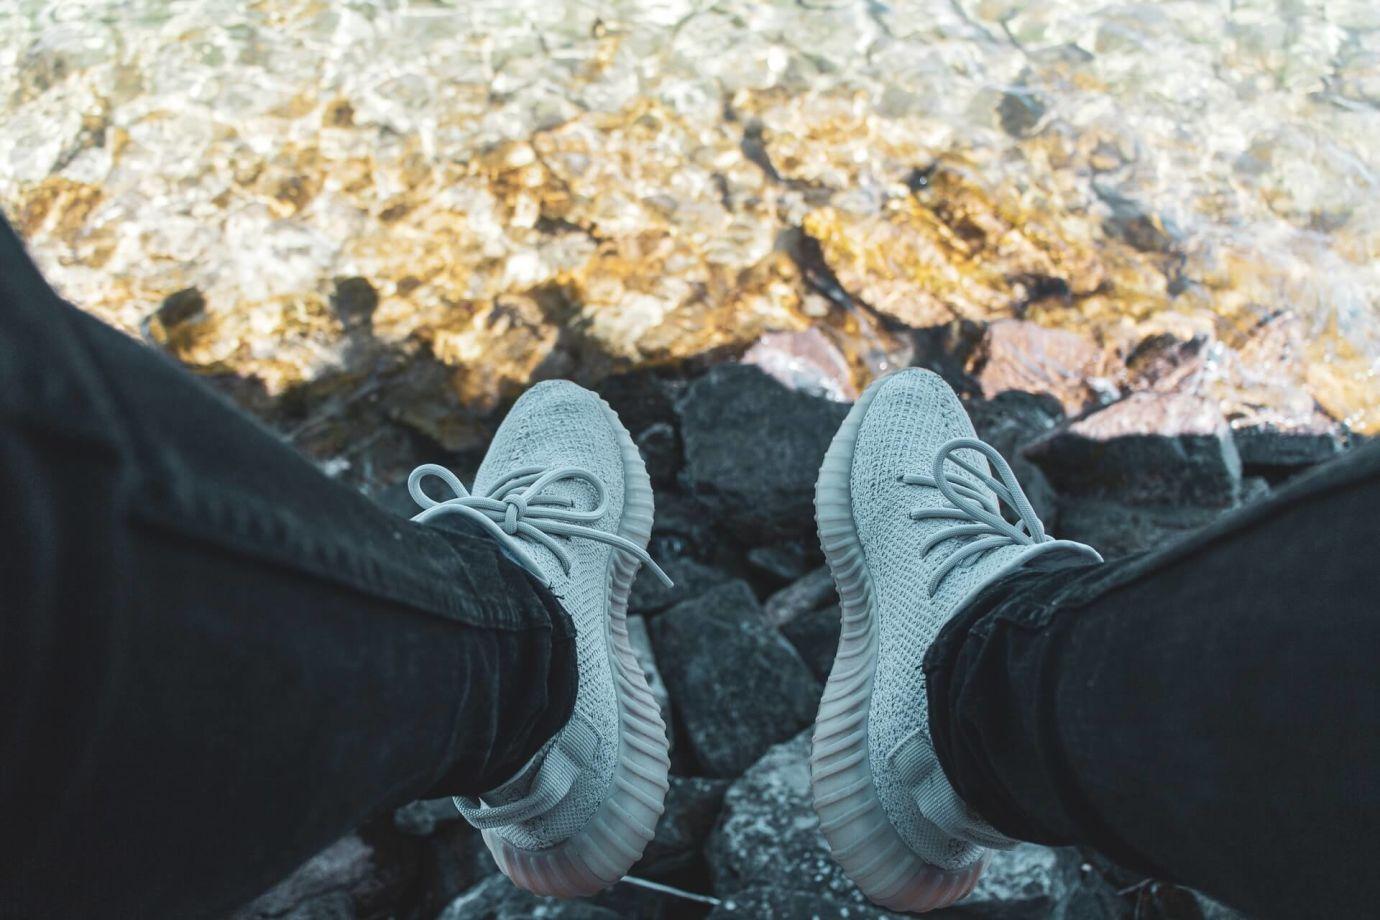 Blick auf Füße in weißen Yeezys